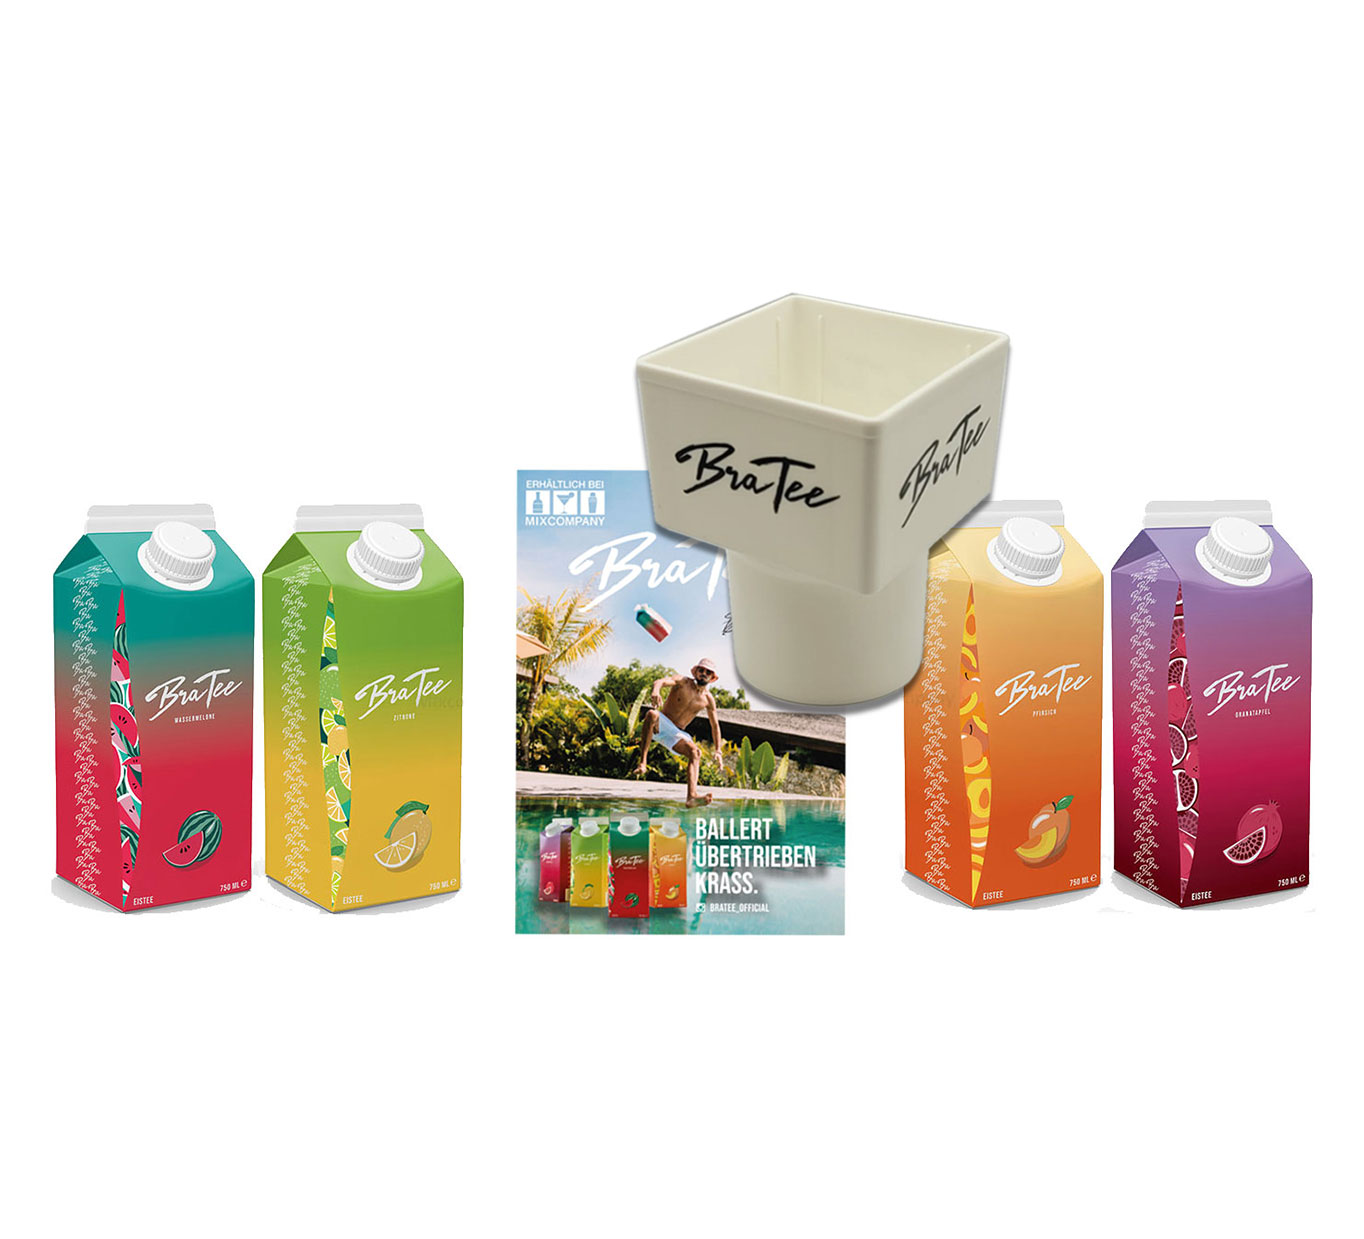 Capital BraTee 4er Tasting Set Eistee je 750ml + Gratis Getränkehalter + Autogrammkarte BRATEE Ice tea Wassermelone Zitrone Pfirsich Granatapfel - mit Capi-Qualitäts-Siegel - Du weisst Bescheid